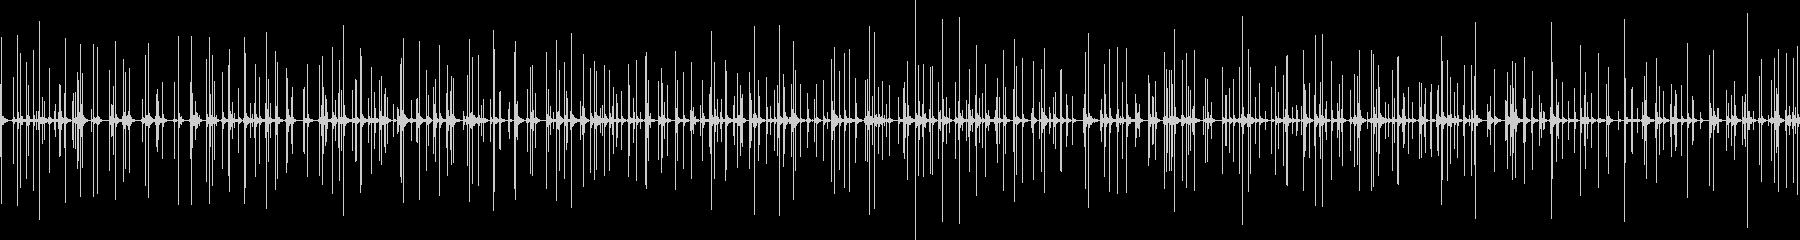 拍手の音です。の未再生の波形